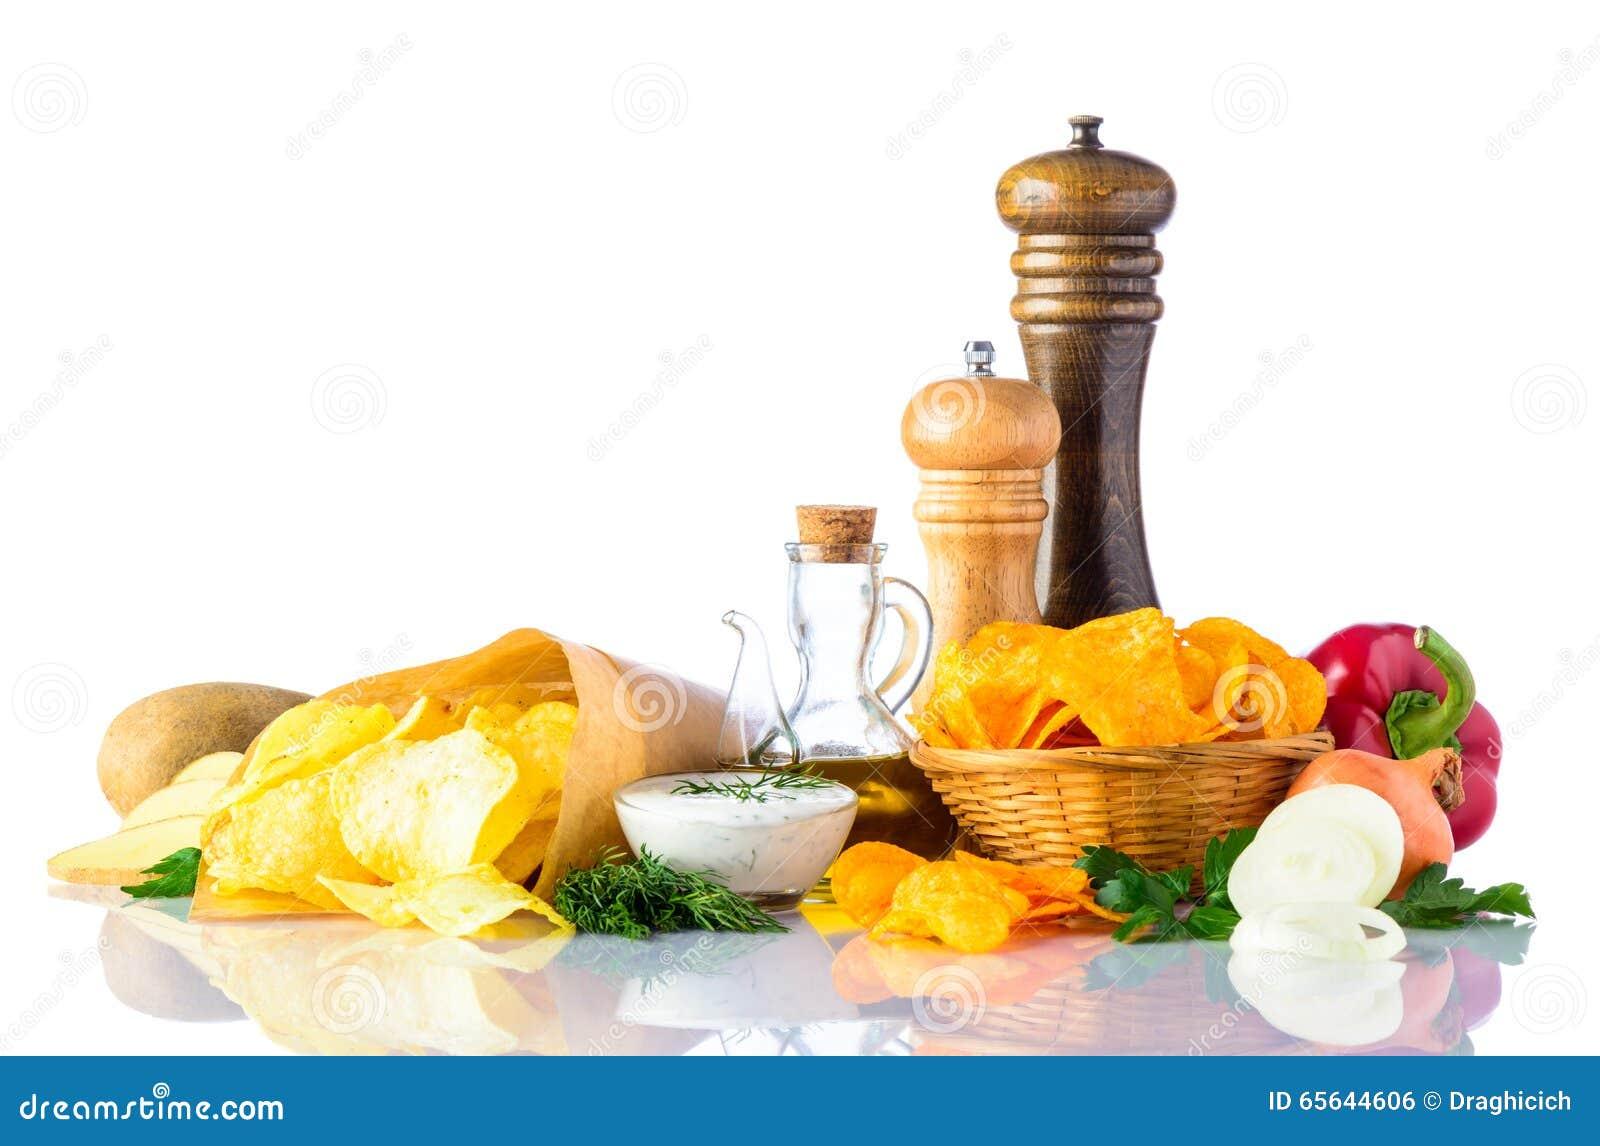 Pommes chips et ingrédients sur le fond blanc